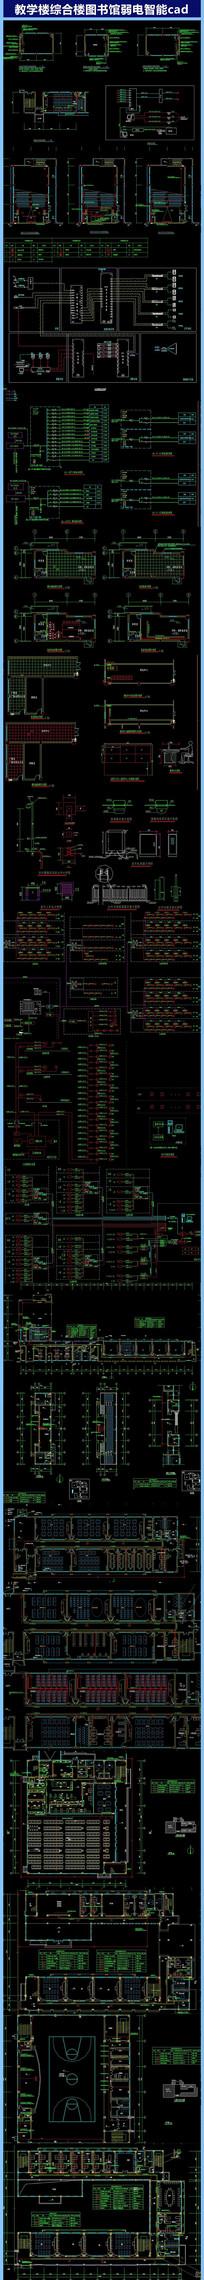 教学楼综合楼弱电智能cad系统图平面图